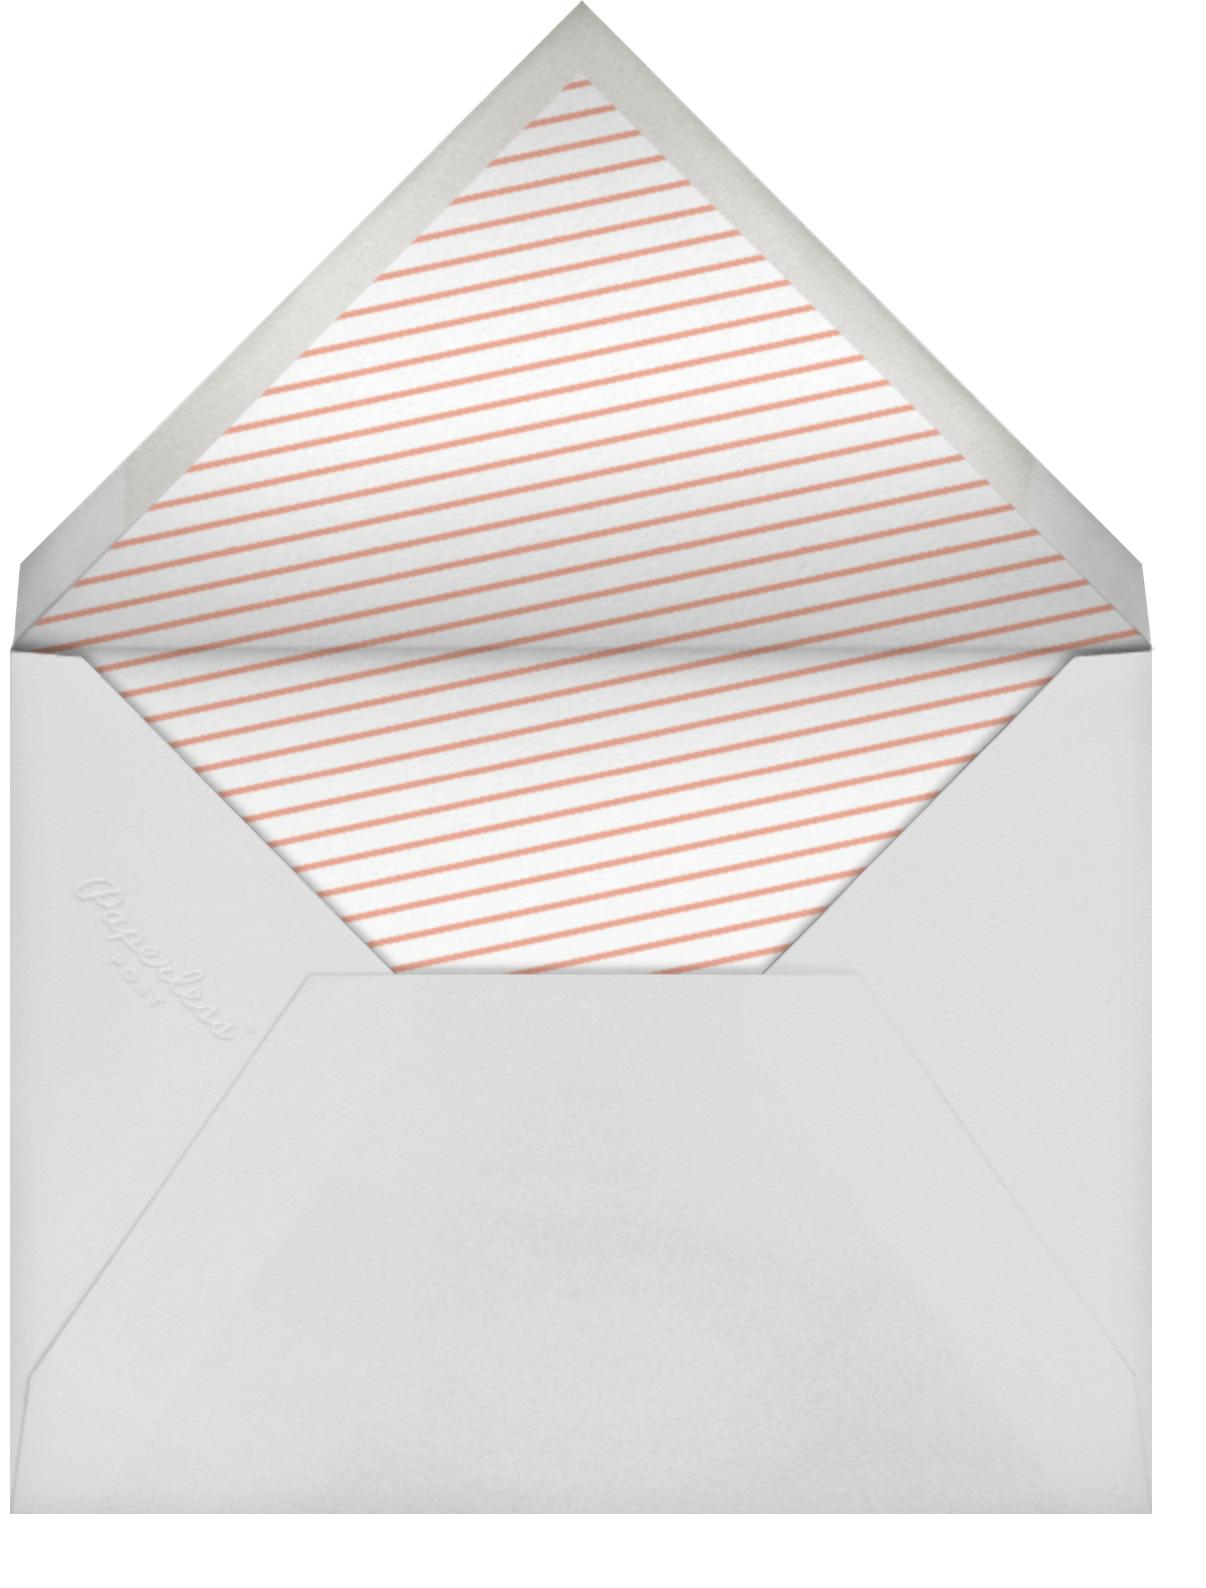 Lanterns - Yellow - Paperless Post - Summer entertaining - envelope back